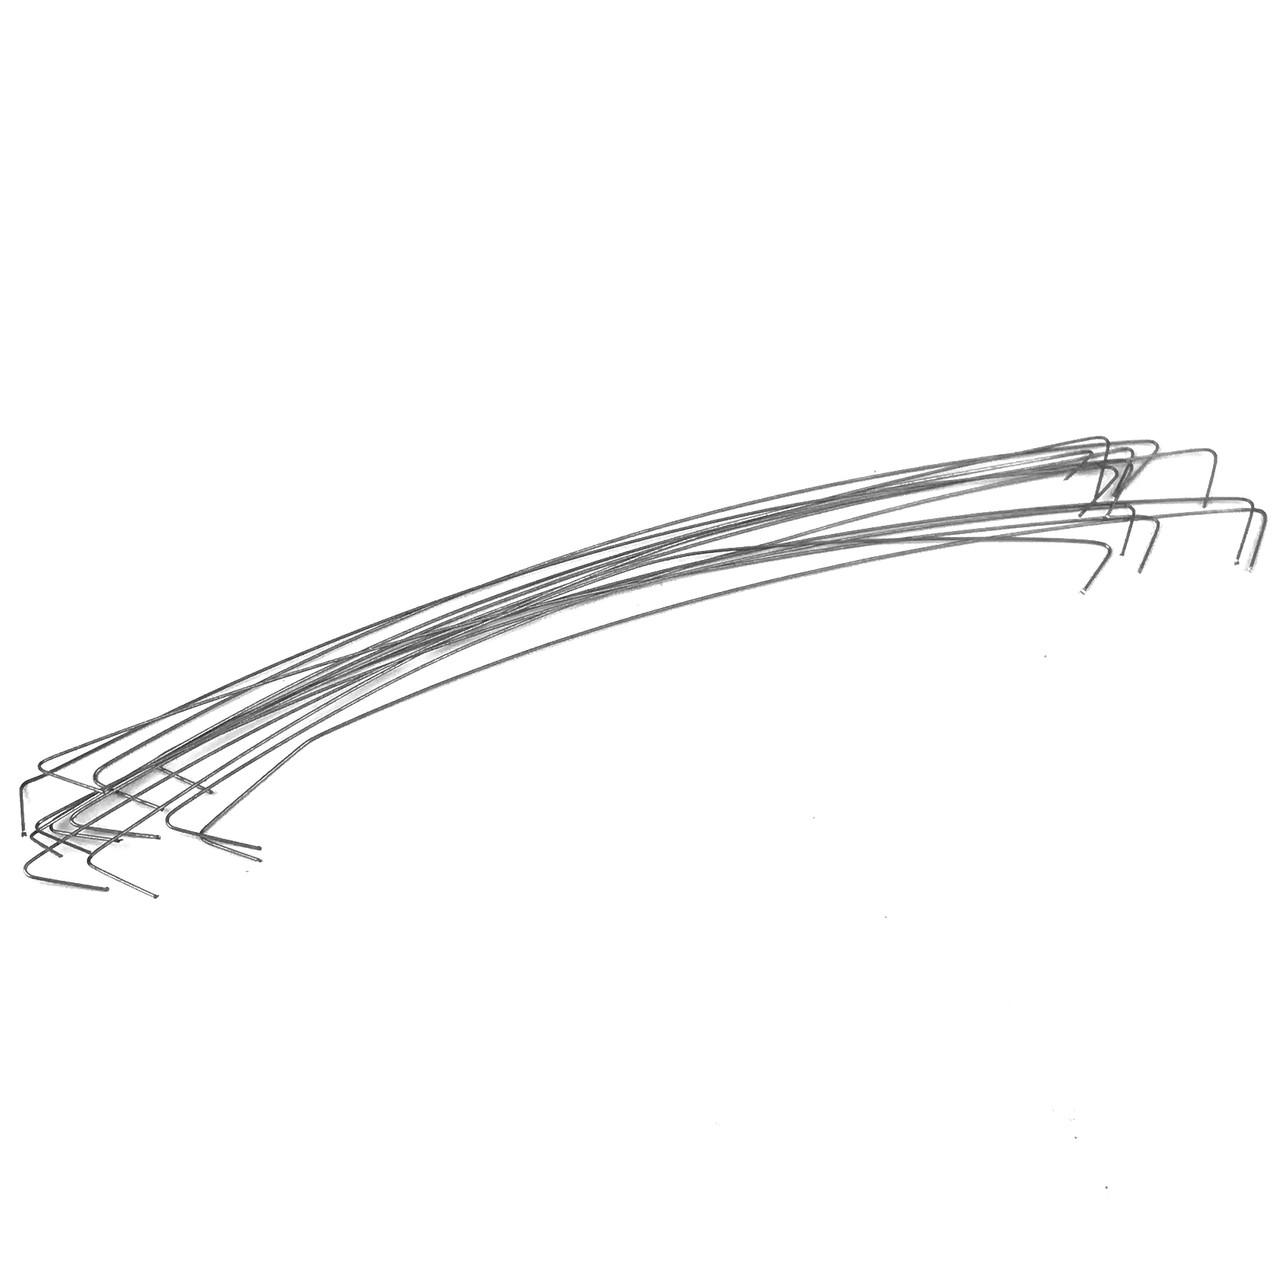 Проволока стальная для петель прямой кишки (упаковка 12 штук). Диаметр 0,3 mm Surgiwelomed